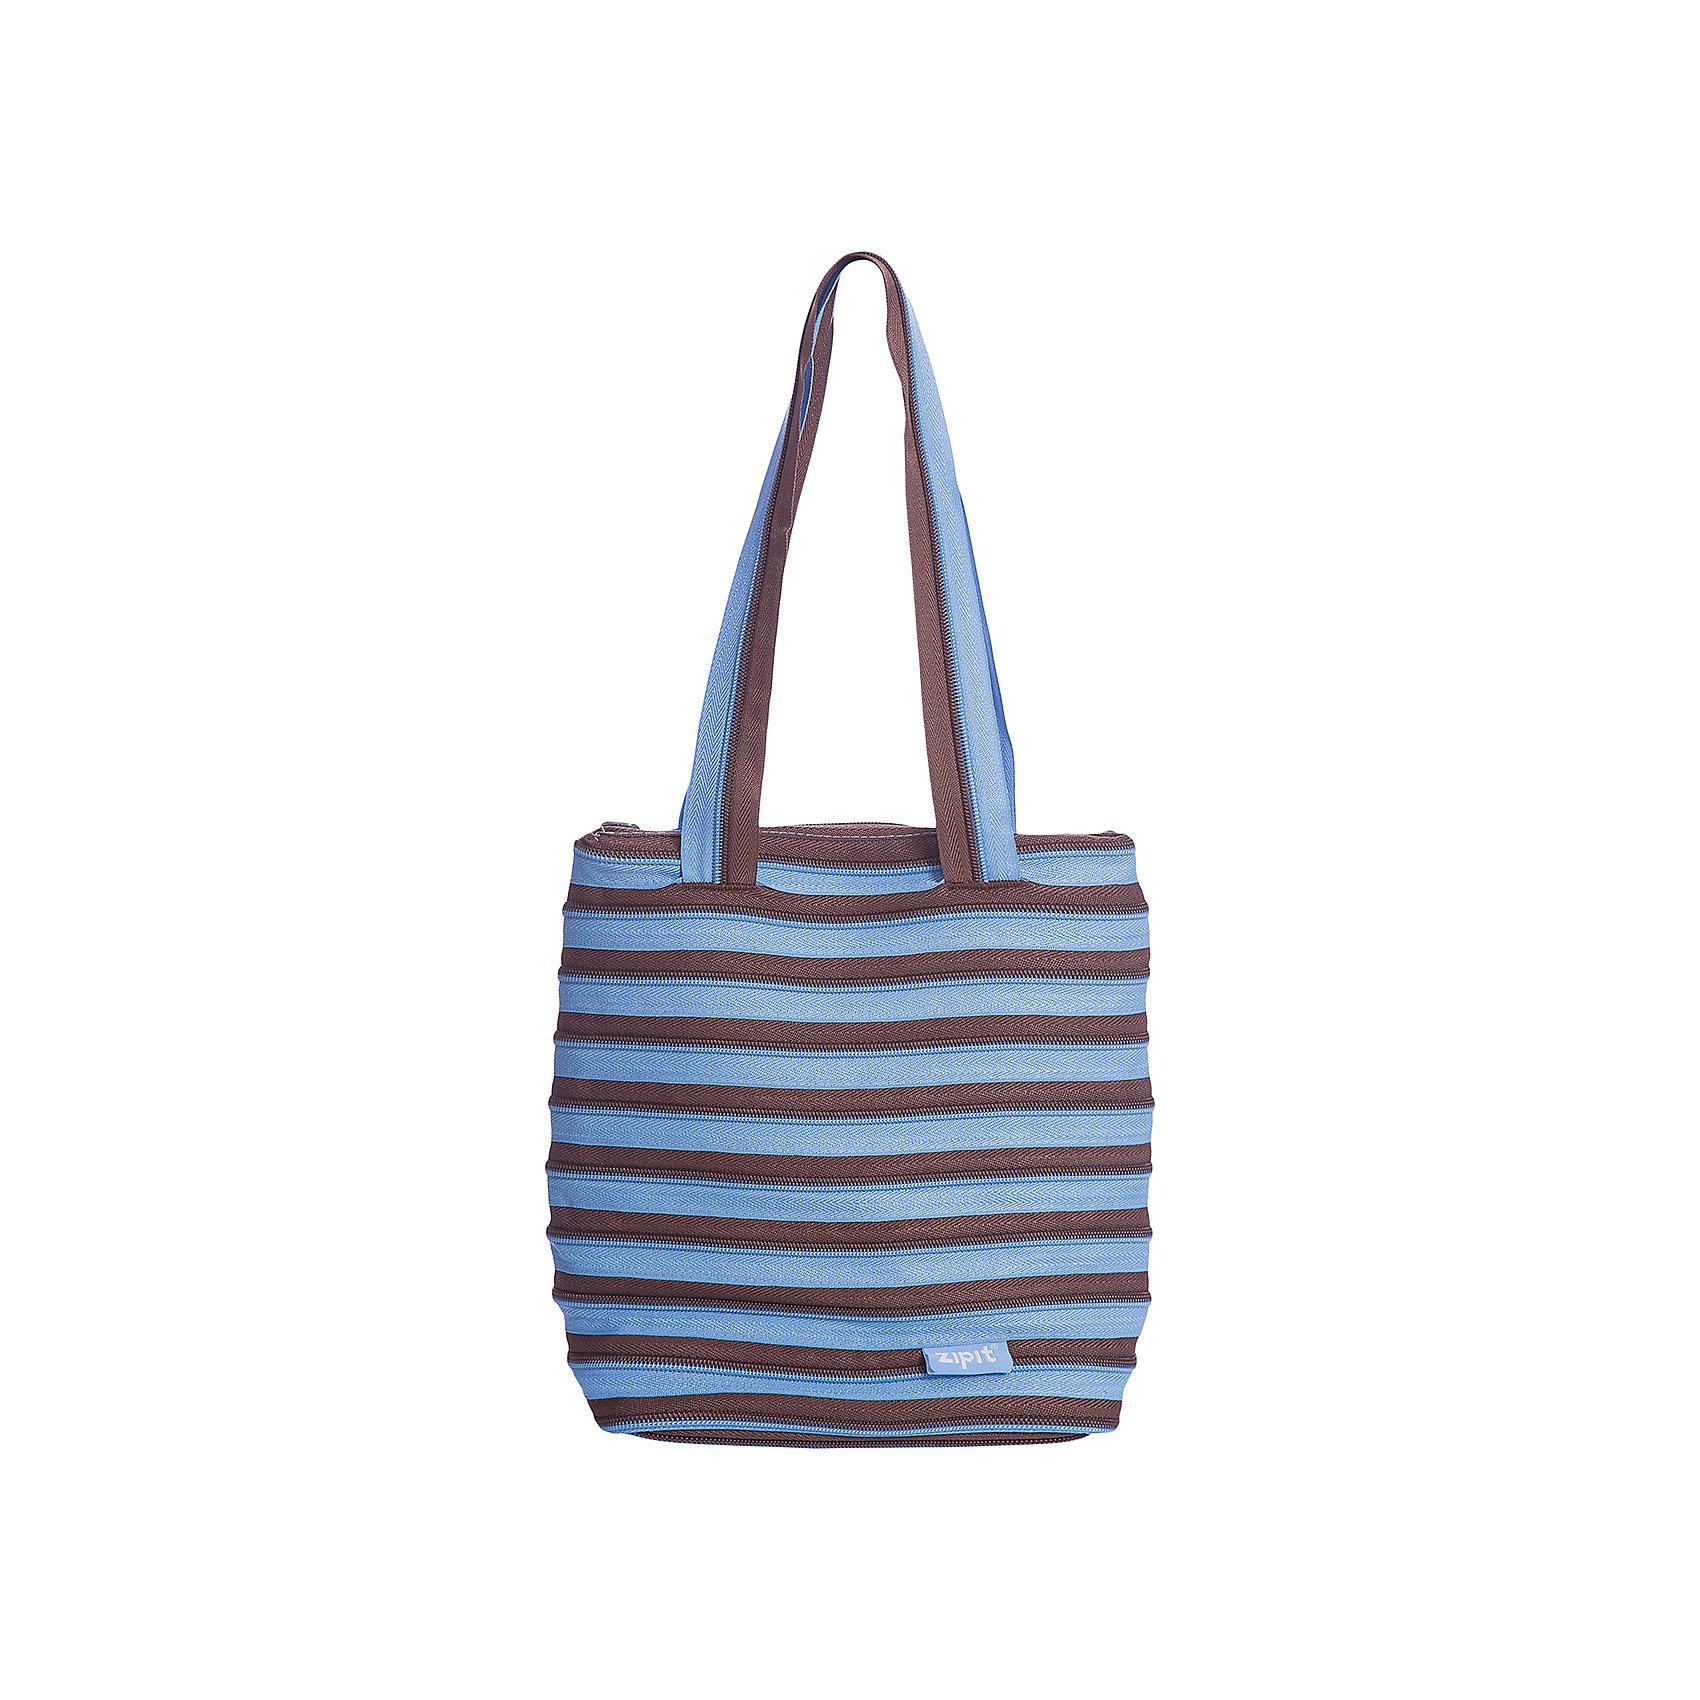 Сумка Premium Tote/Beach Bag, цвет голубой/коричневыйДетские сумки<br>Вес: 0,2 кг<br>Размер: 28х10х28 см<br>Состав: Сумка<br>Наличие светоотражающих элементов: нет<br>Материал: полиэстер<br><br>Ширина мм: 280<br>Глубина мм: 100<br>Высота мм: 280<br>Вес г: 200<br>Возраст от месяцев: 84<br>Возраст до месяцев: 180<br>Пол: Унисекс<br>Возраст: Детский<br>SKU: 7054151